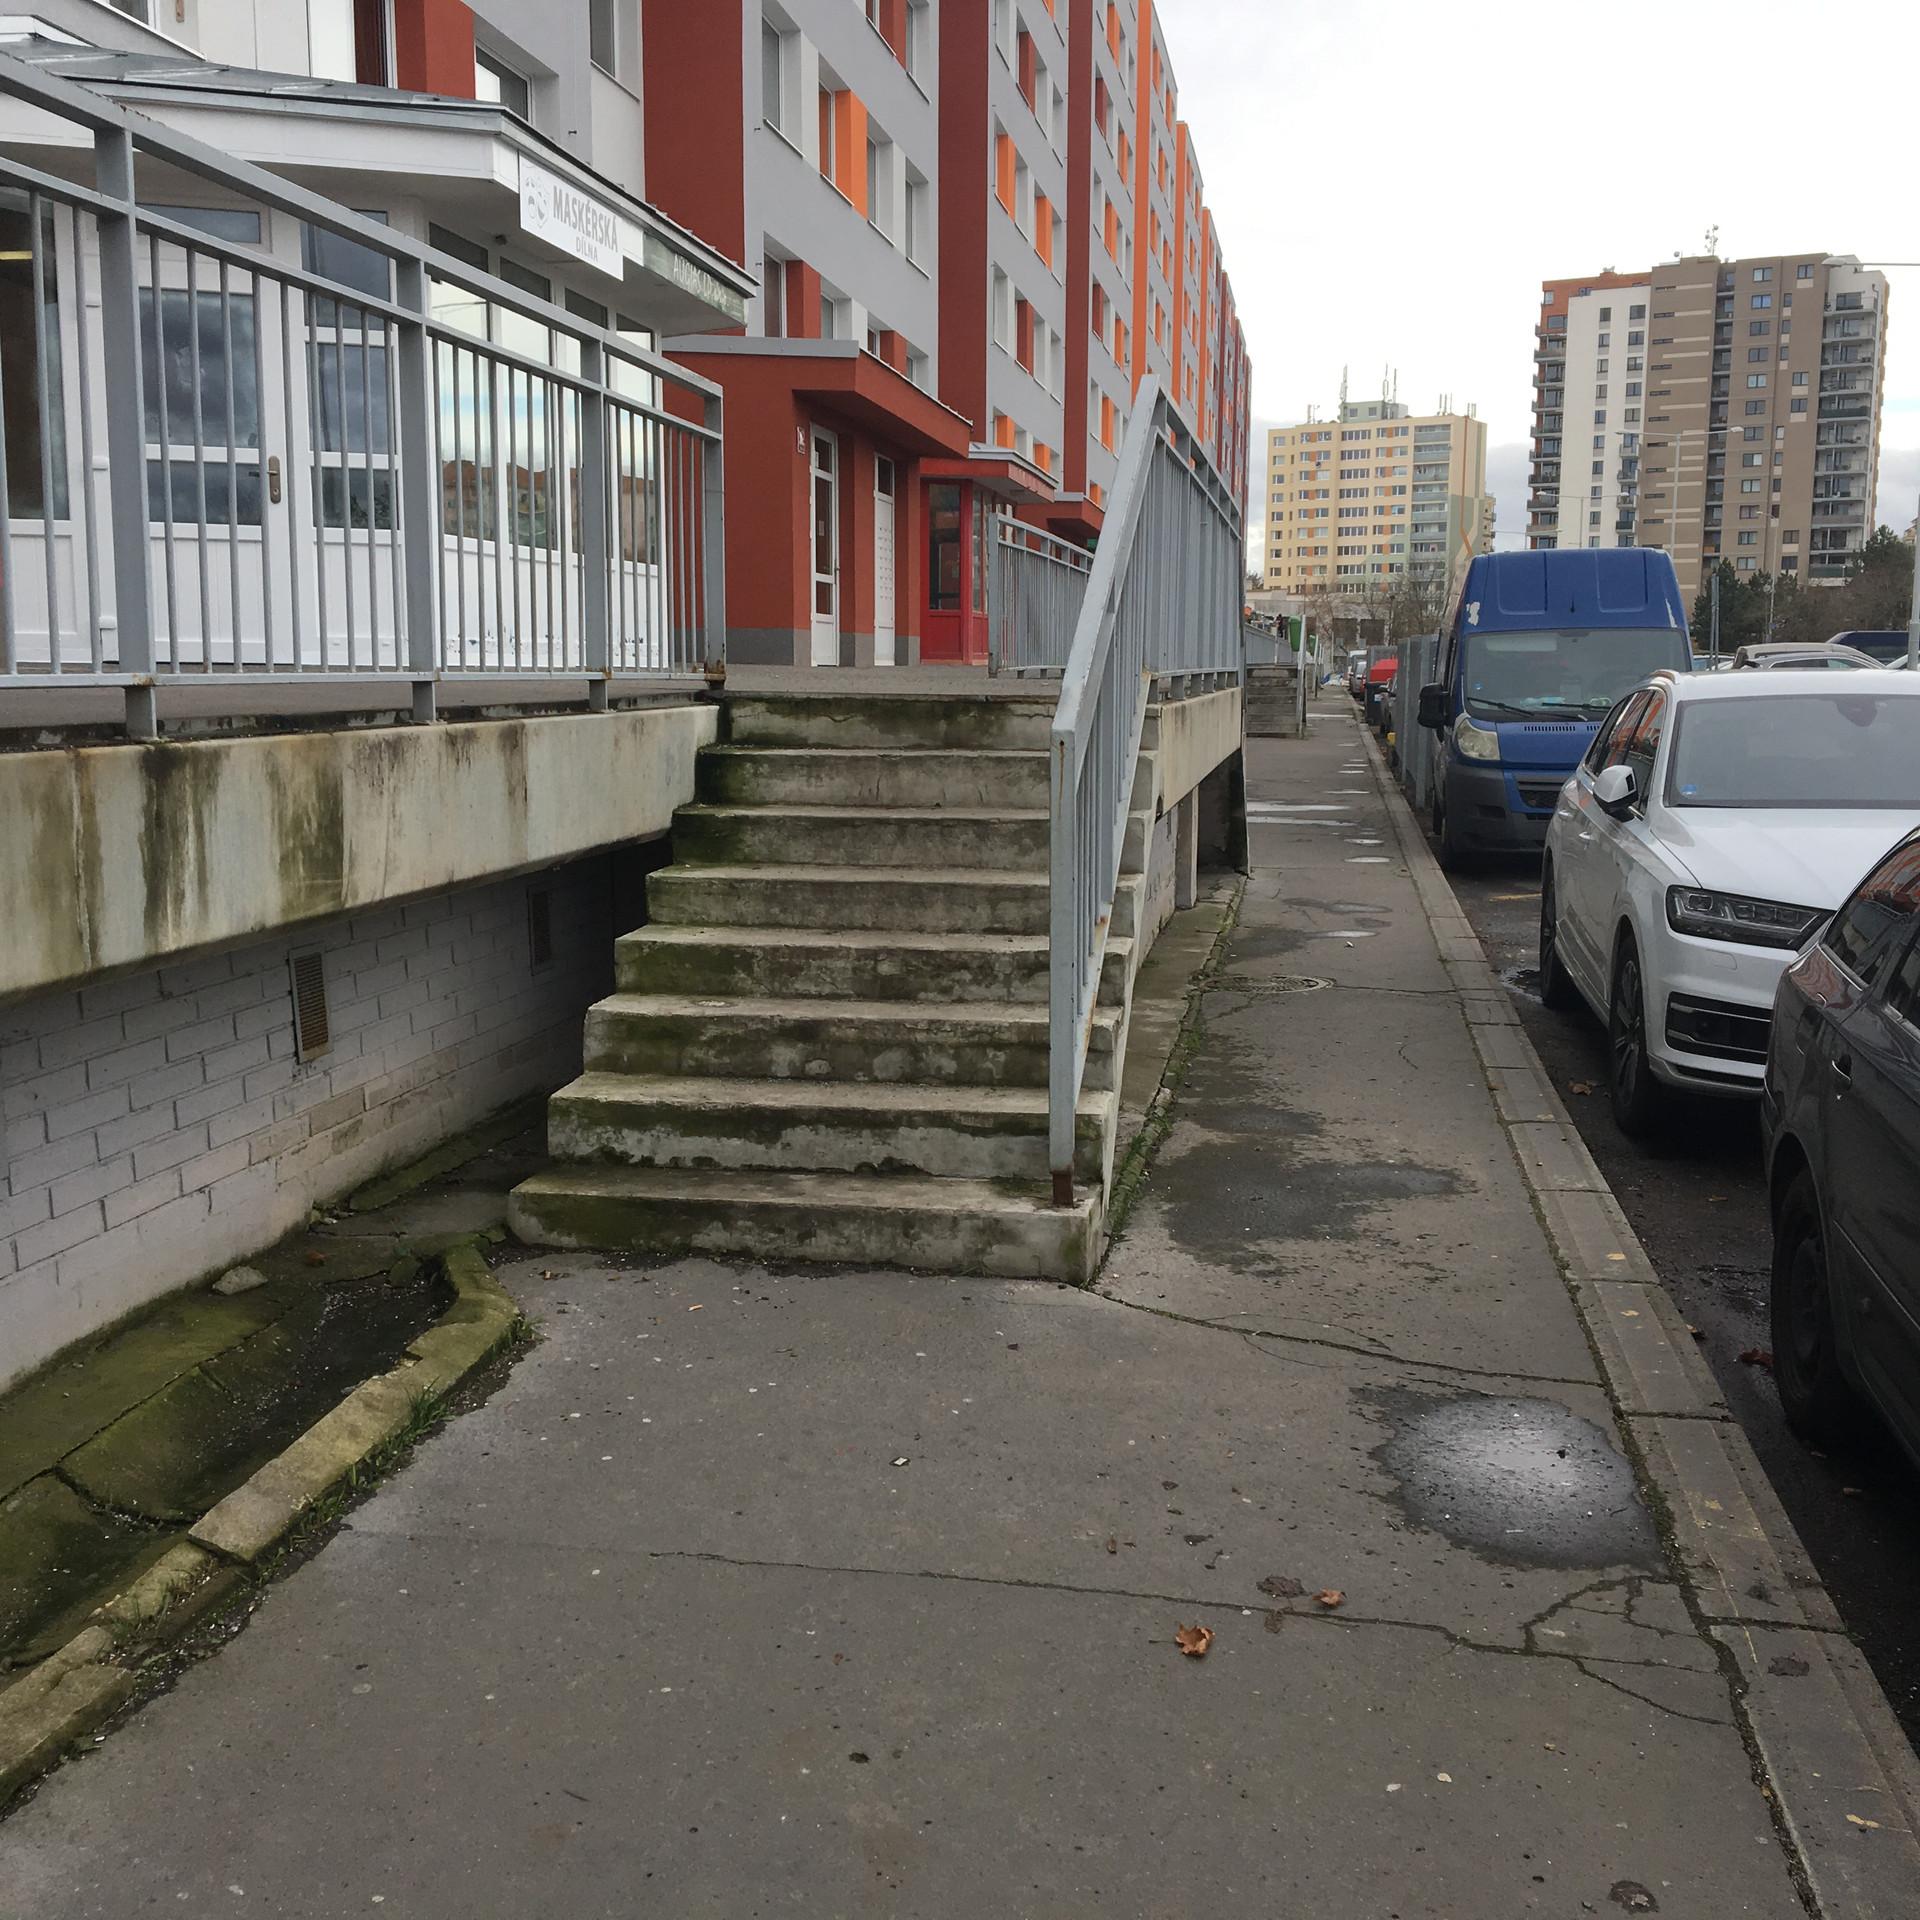 Rail 8 stair